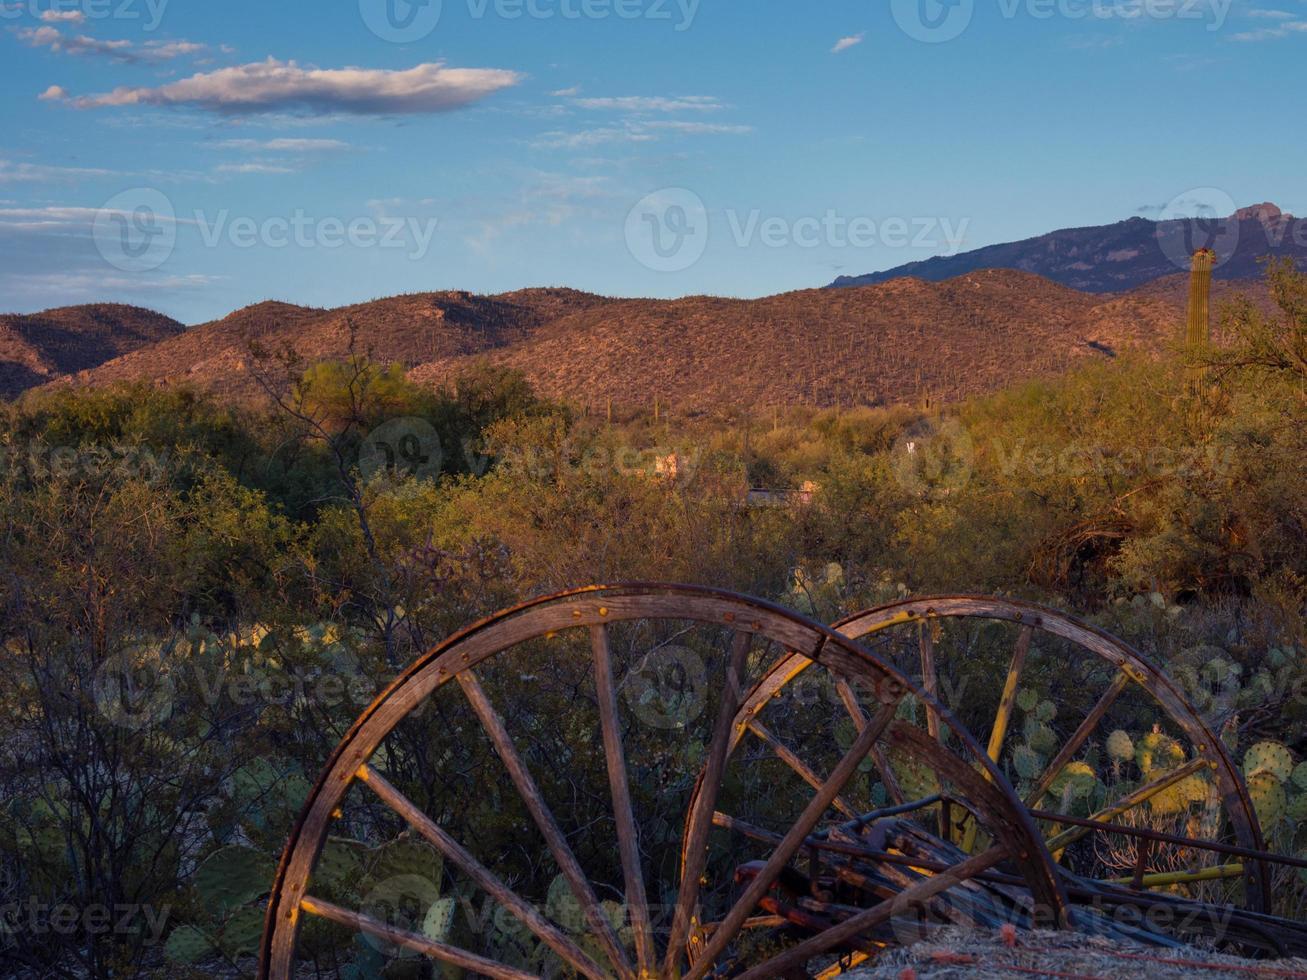 rostiga vagnsvälar i Arizona öken vid solnedgången foto